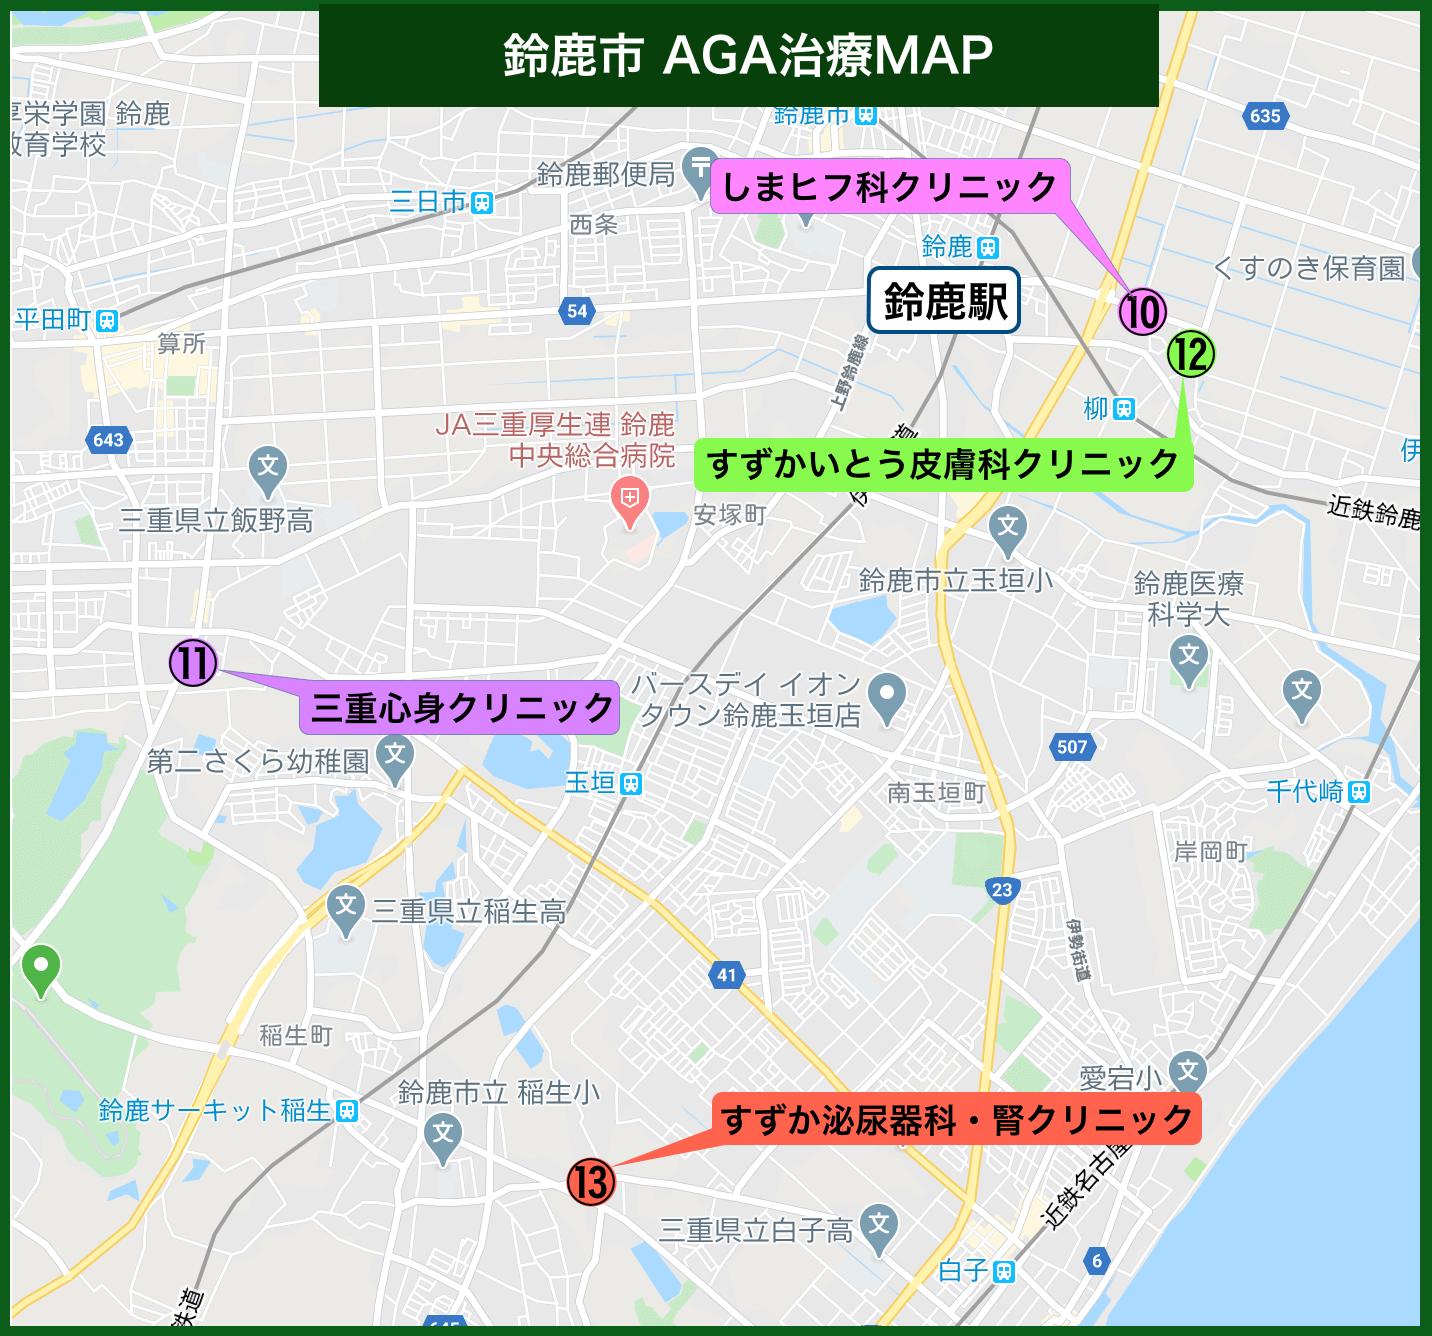 鈴鹿市 AGA治療MAP